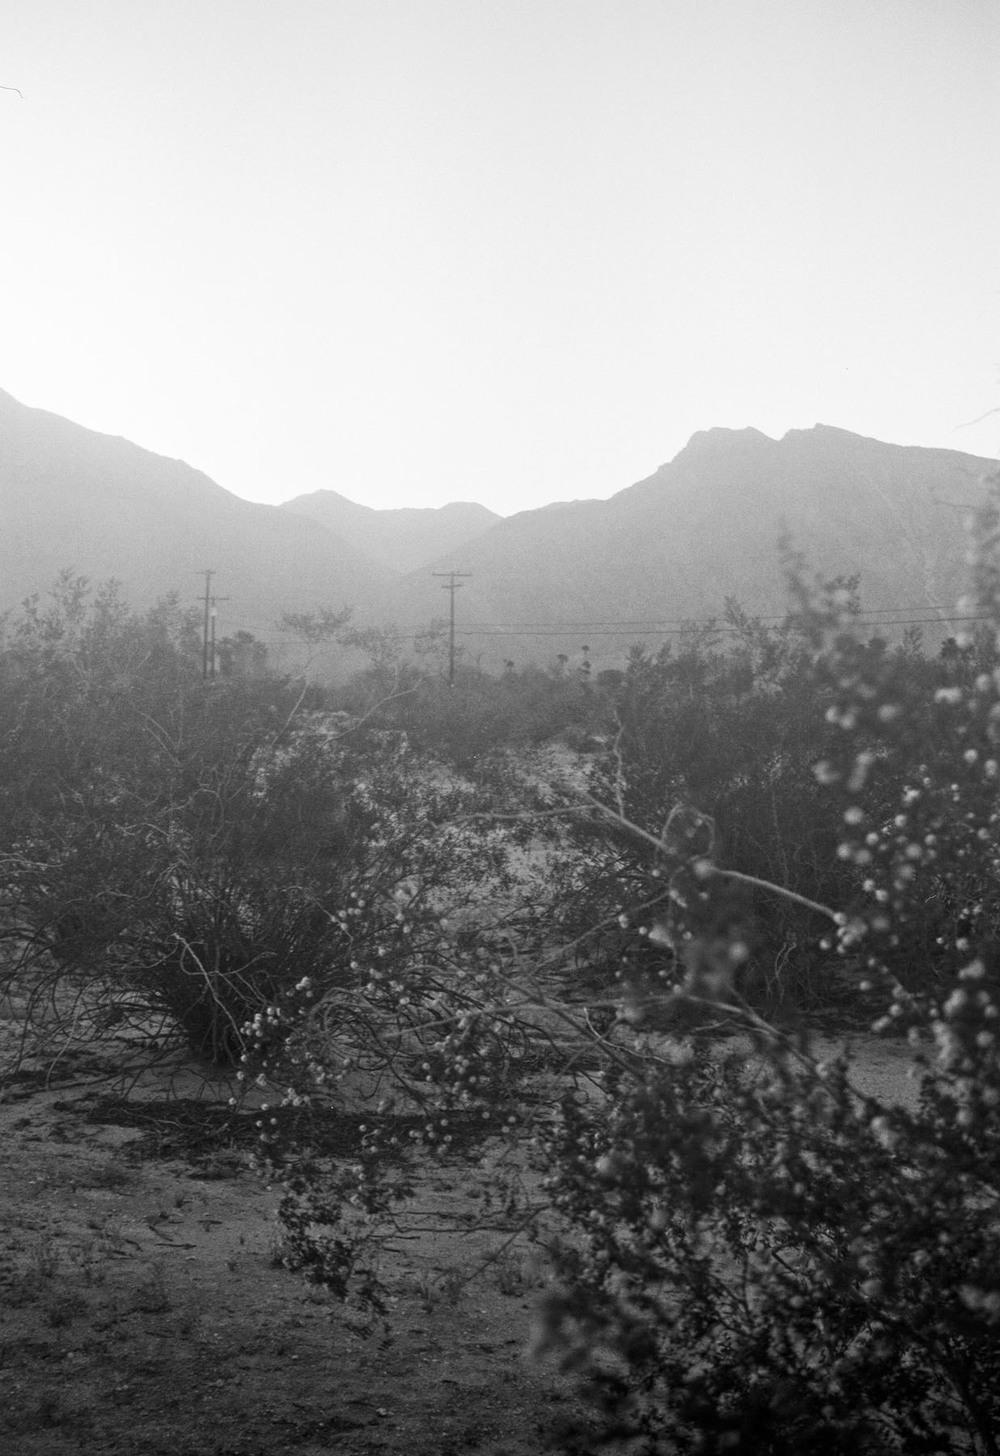 Anza-Borrego-Mountain-07.jpg